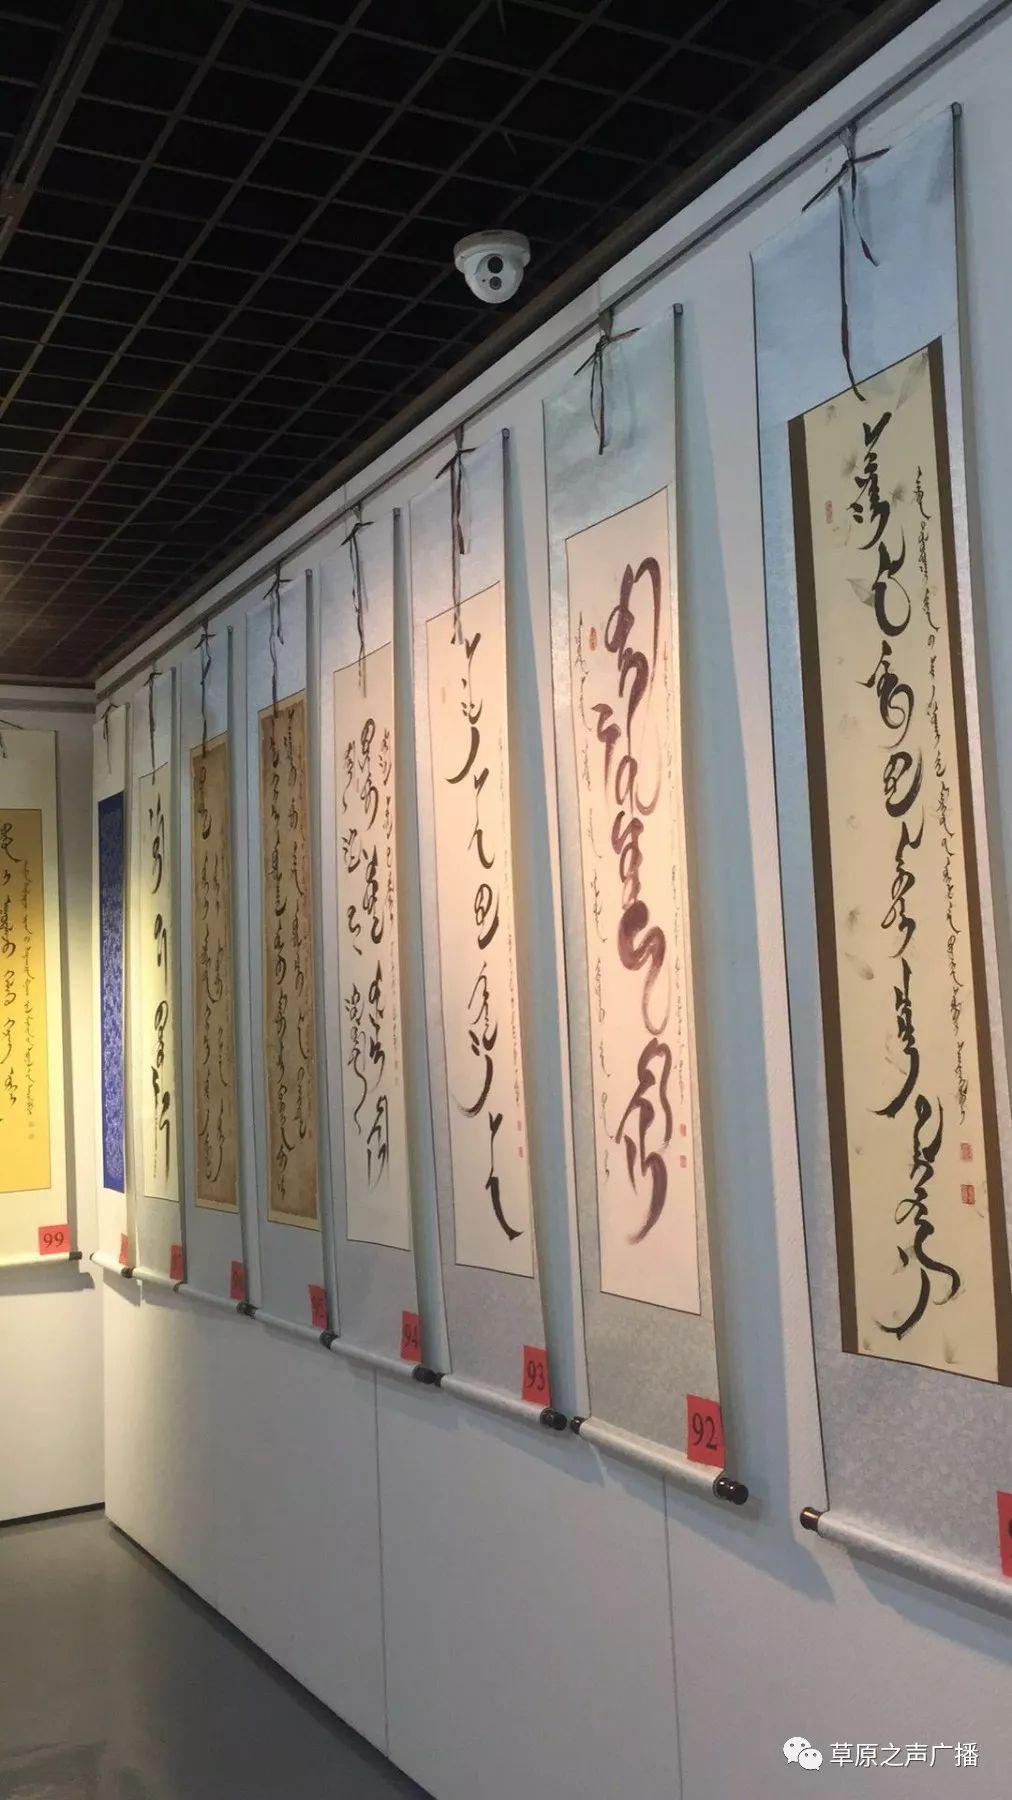 查干森布尔蒙古文书法,绘画展在呼和浩特开展 第39张